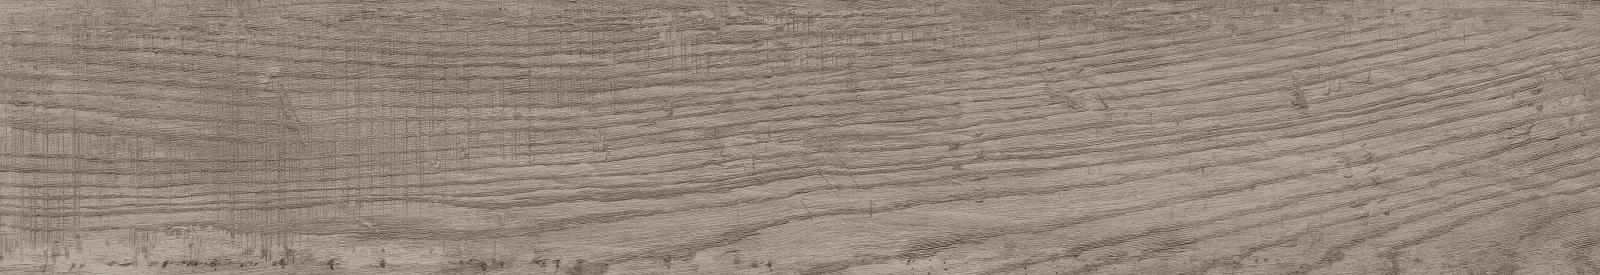 Brown (zxxwu8r) изображение 1